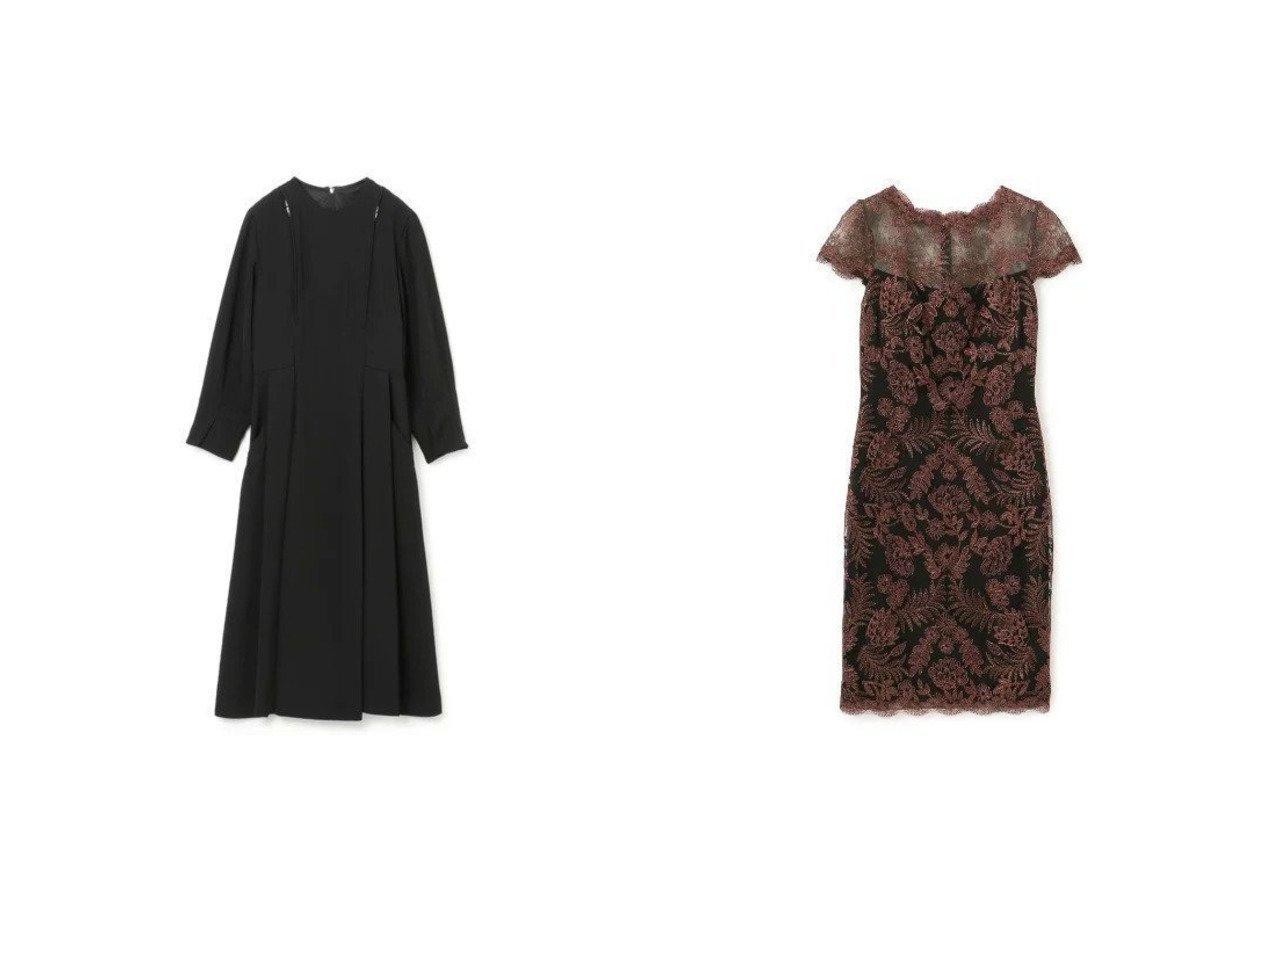 【EPOCA THE SHOP/エポカ ザ ショップ】の【TADASHI SHOJI】ボタニカルレースドレス&【TOGA/トーガ】のAcetate twill shoulder zip dress 【ワンピース・ドレス】おすすめ!人気、トレンド・レディースファッションの通販    レディースファッション・服の通販 founy(ファニー)